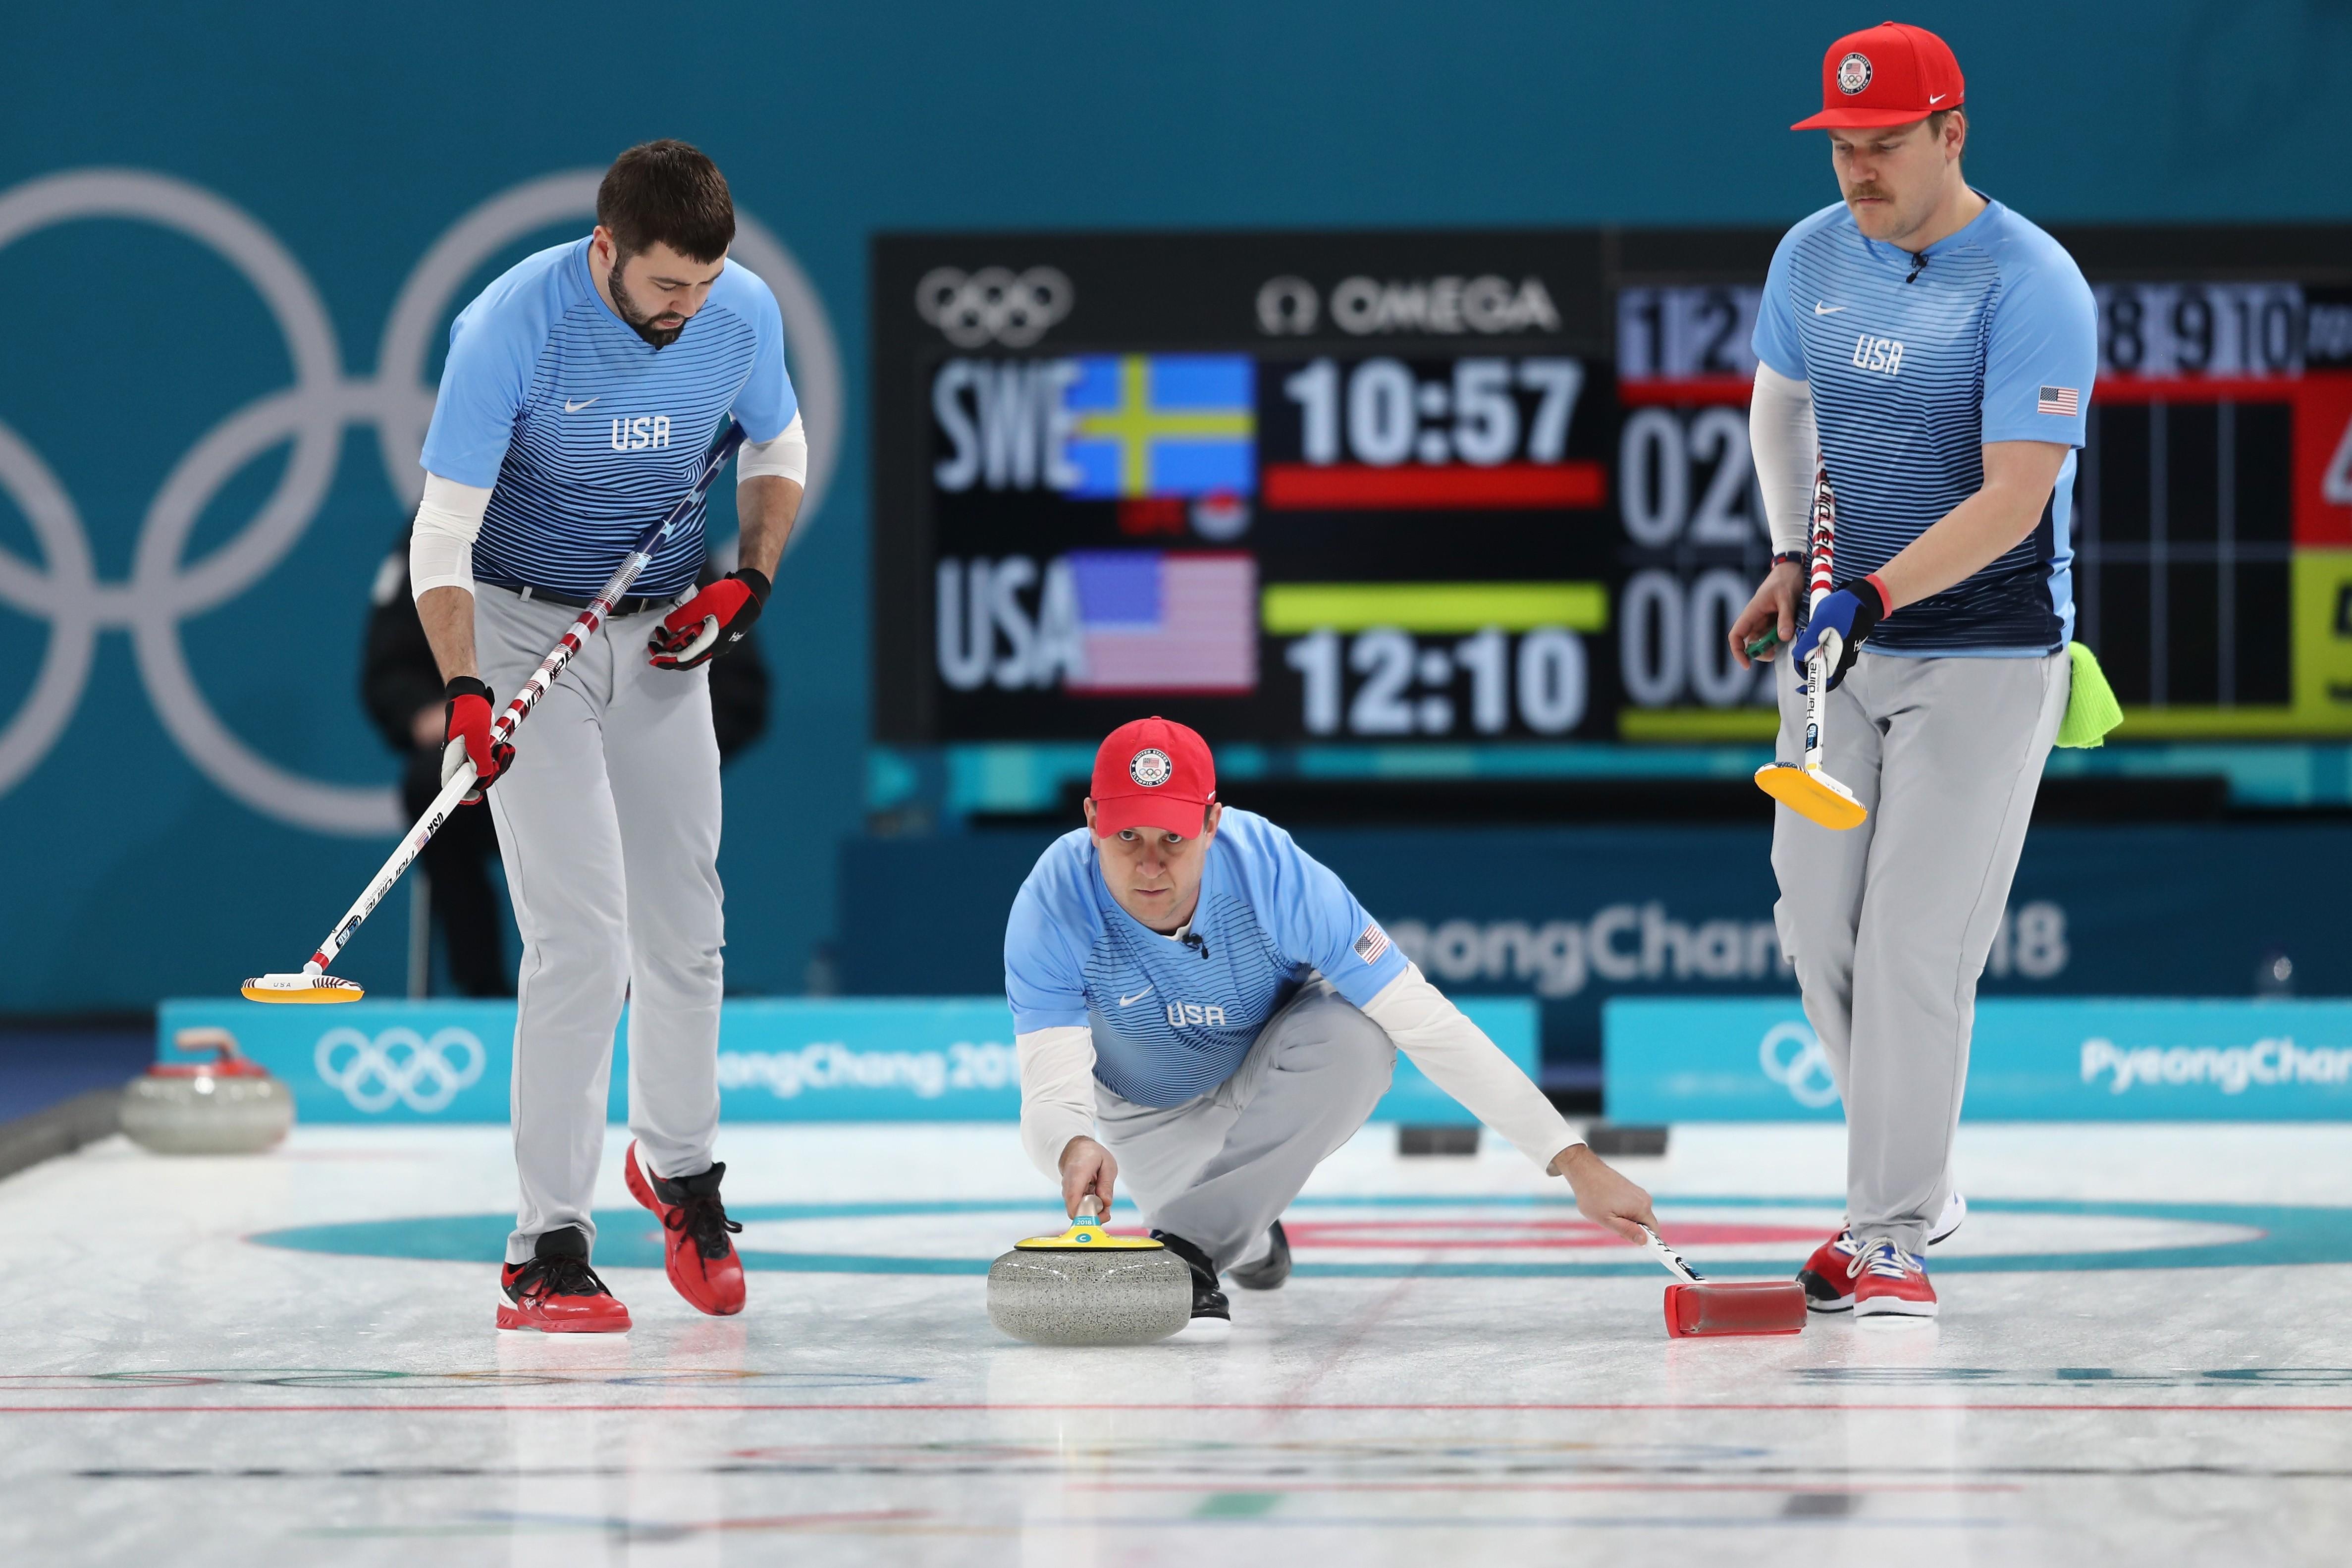 A equipe de curling dos EUA nas Olimpíadas de Inverno de 2018 (Foto: Getty Images)